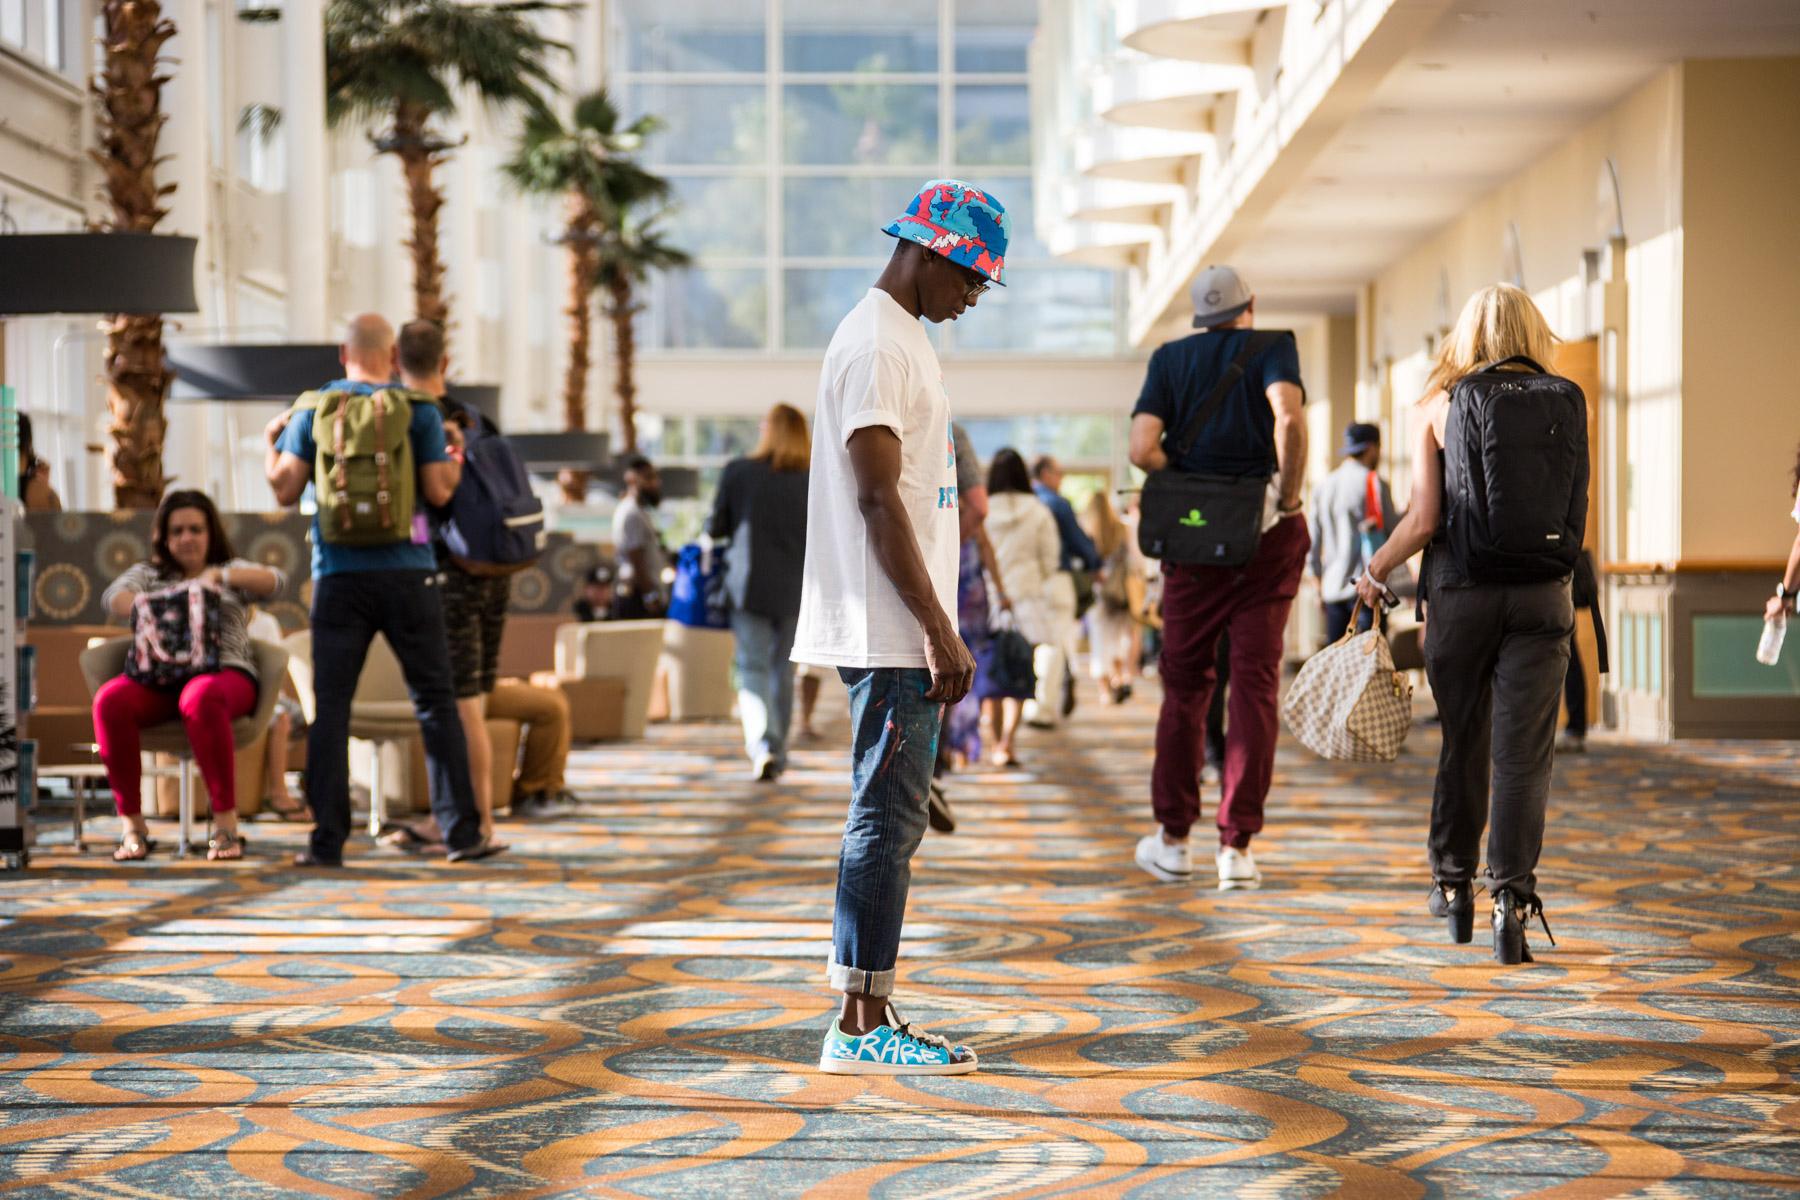 Streetsnaps: Slvstr of Rare Panther at Agenda Long Beach